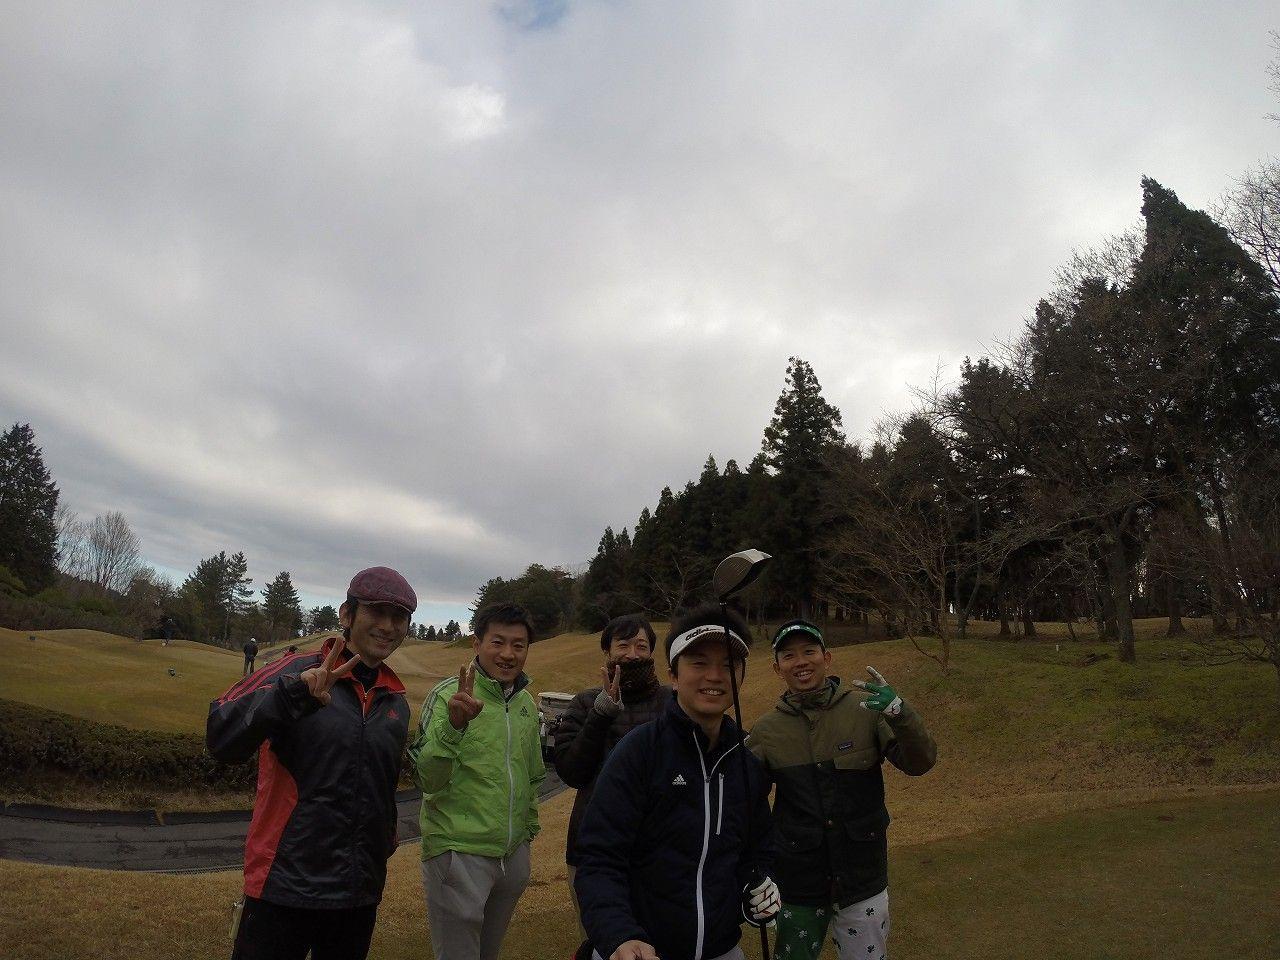 11 ゴルフ with Banff仲間 17